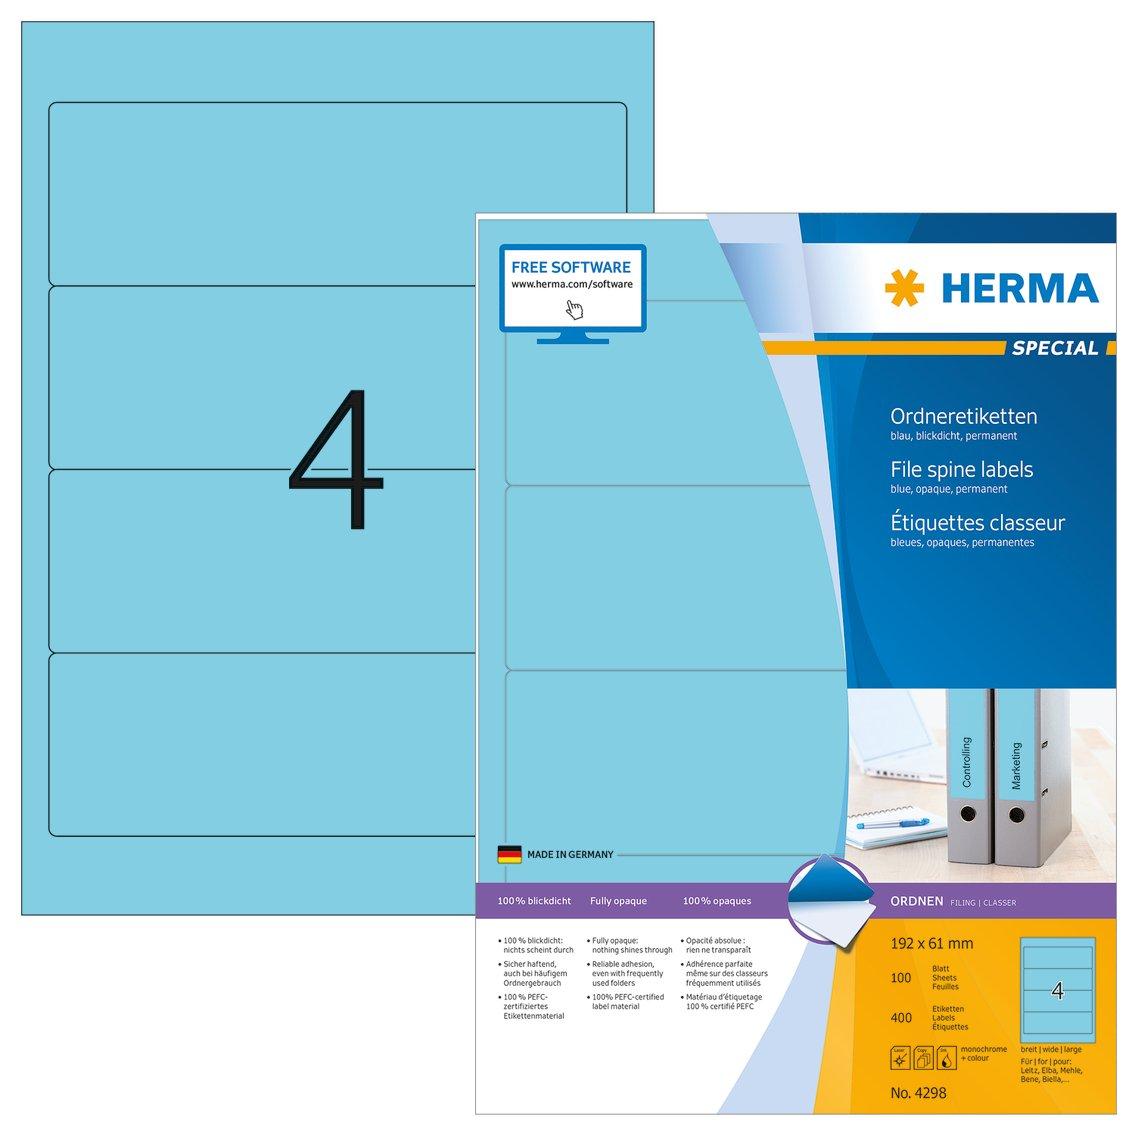 Herma 4298 Farbige Ordnerrücken Etiketten blau, blickdicht, breit kurz (192 x 61 mm) 400 Ordneretiketten, 100 Blatt DIN A4 Papier matt, bedruckbar, selbstklebend B000M22GVW | Wir haben von unseren Kunden Lob erhalten.